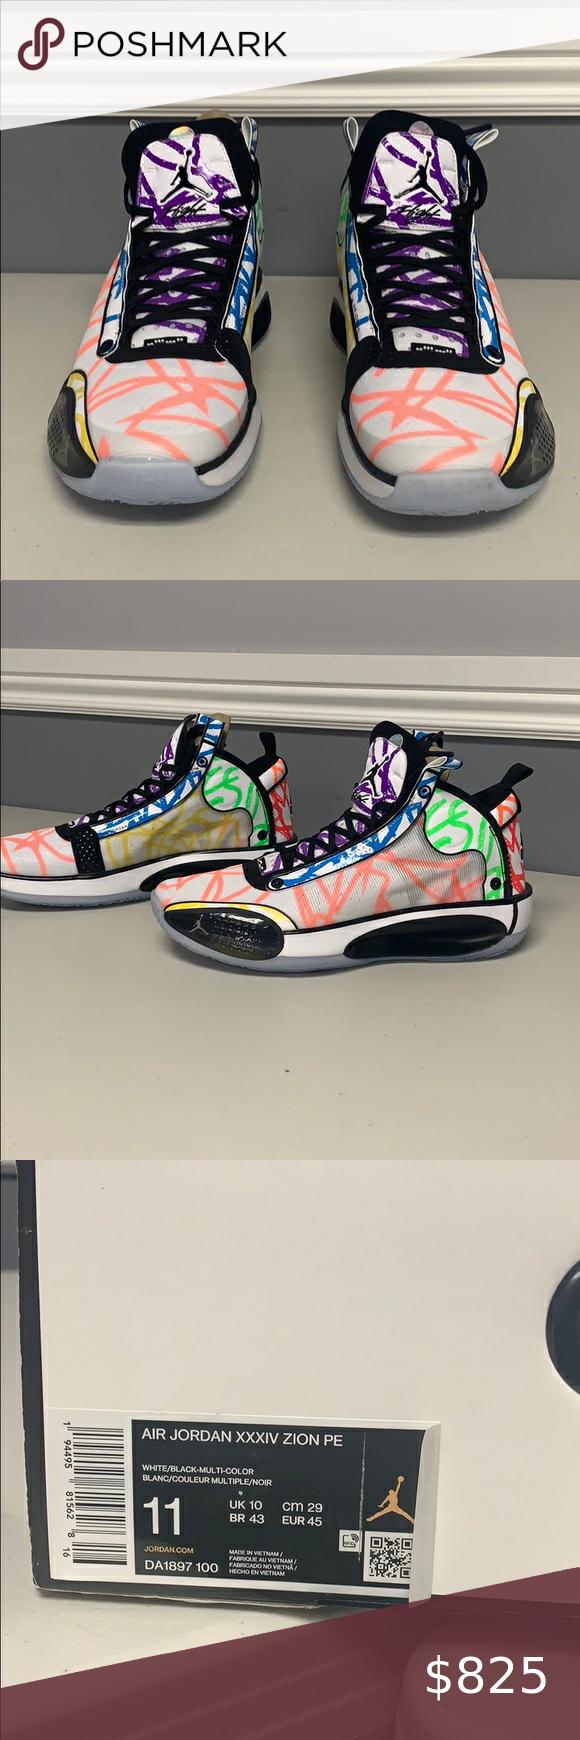 Jordan Xxxiv Zion Pe Jordans For Men Jordans Mens Shoes Sneakers